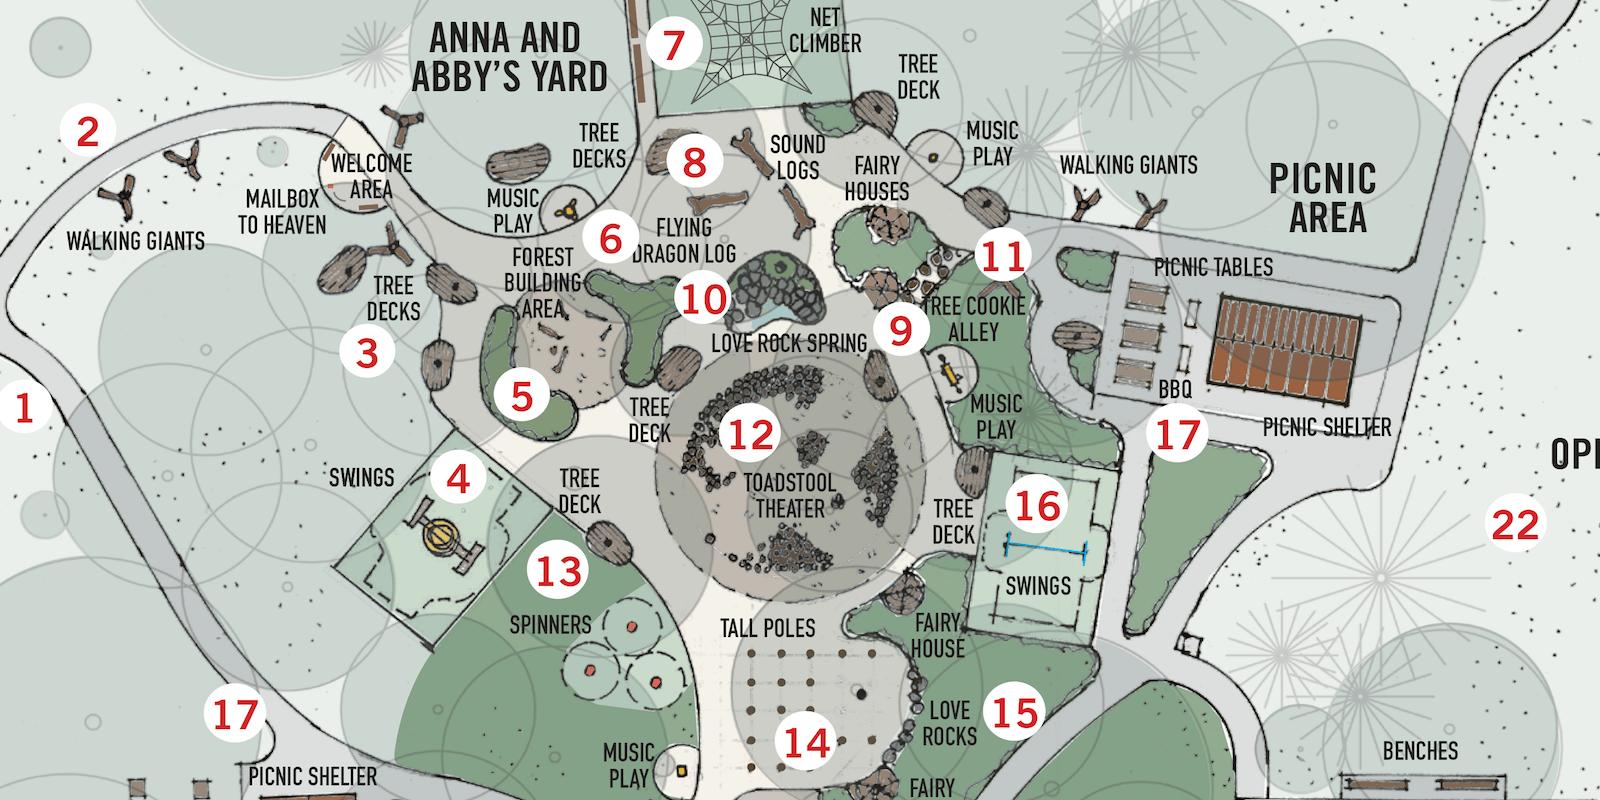 Anna Abbys Yard schematic